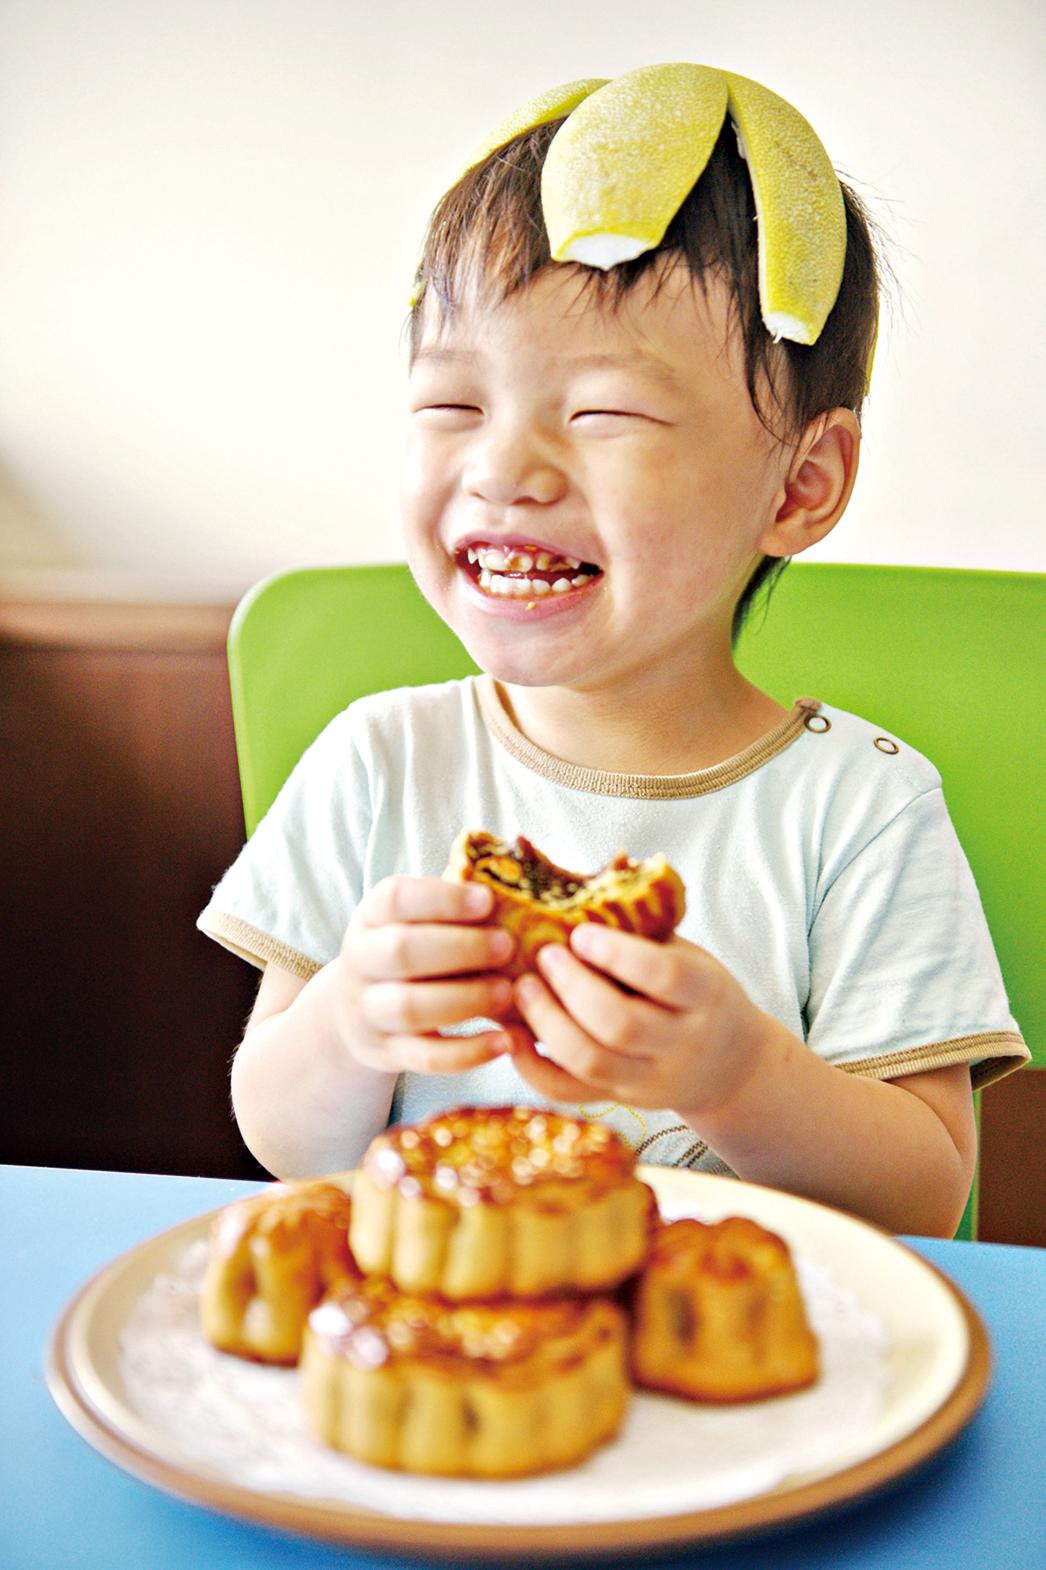 中秋節時,許多孩子總是一邊吃月餅,一邊戴上柚子帽,非常開心。